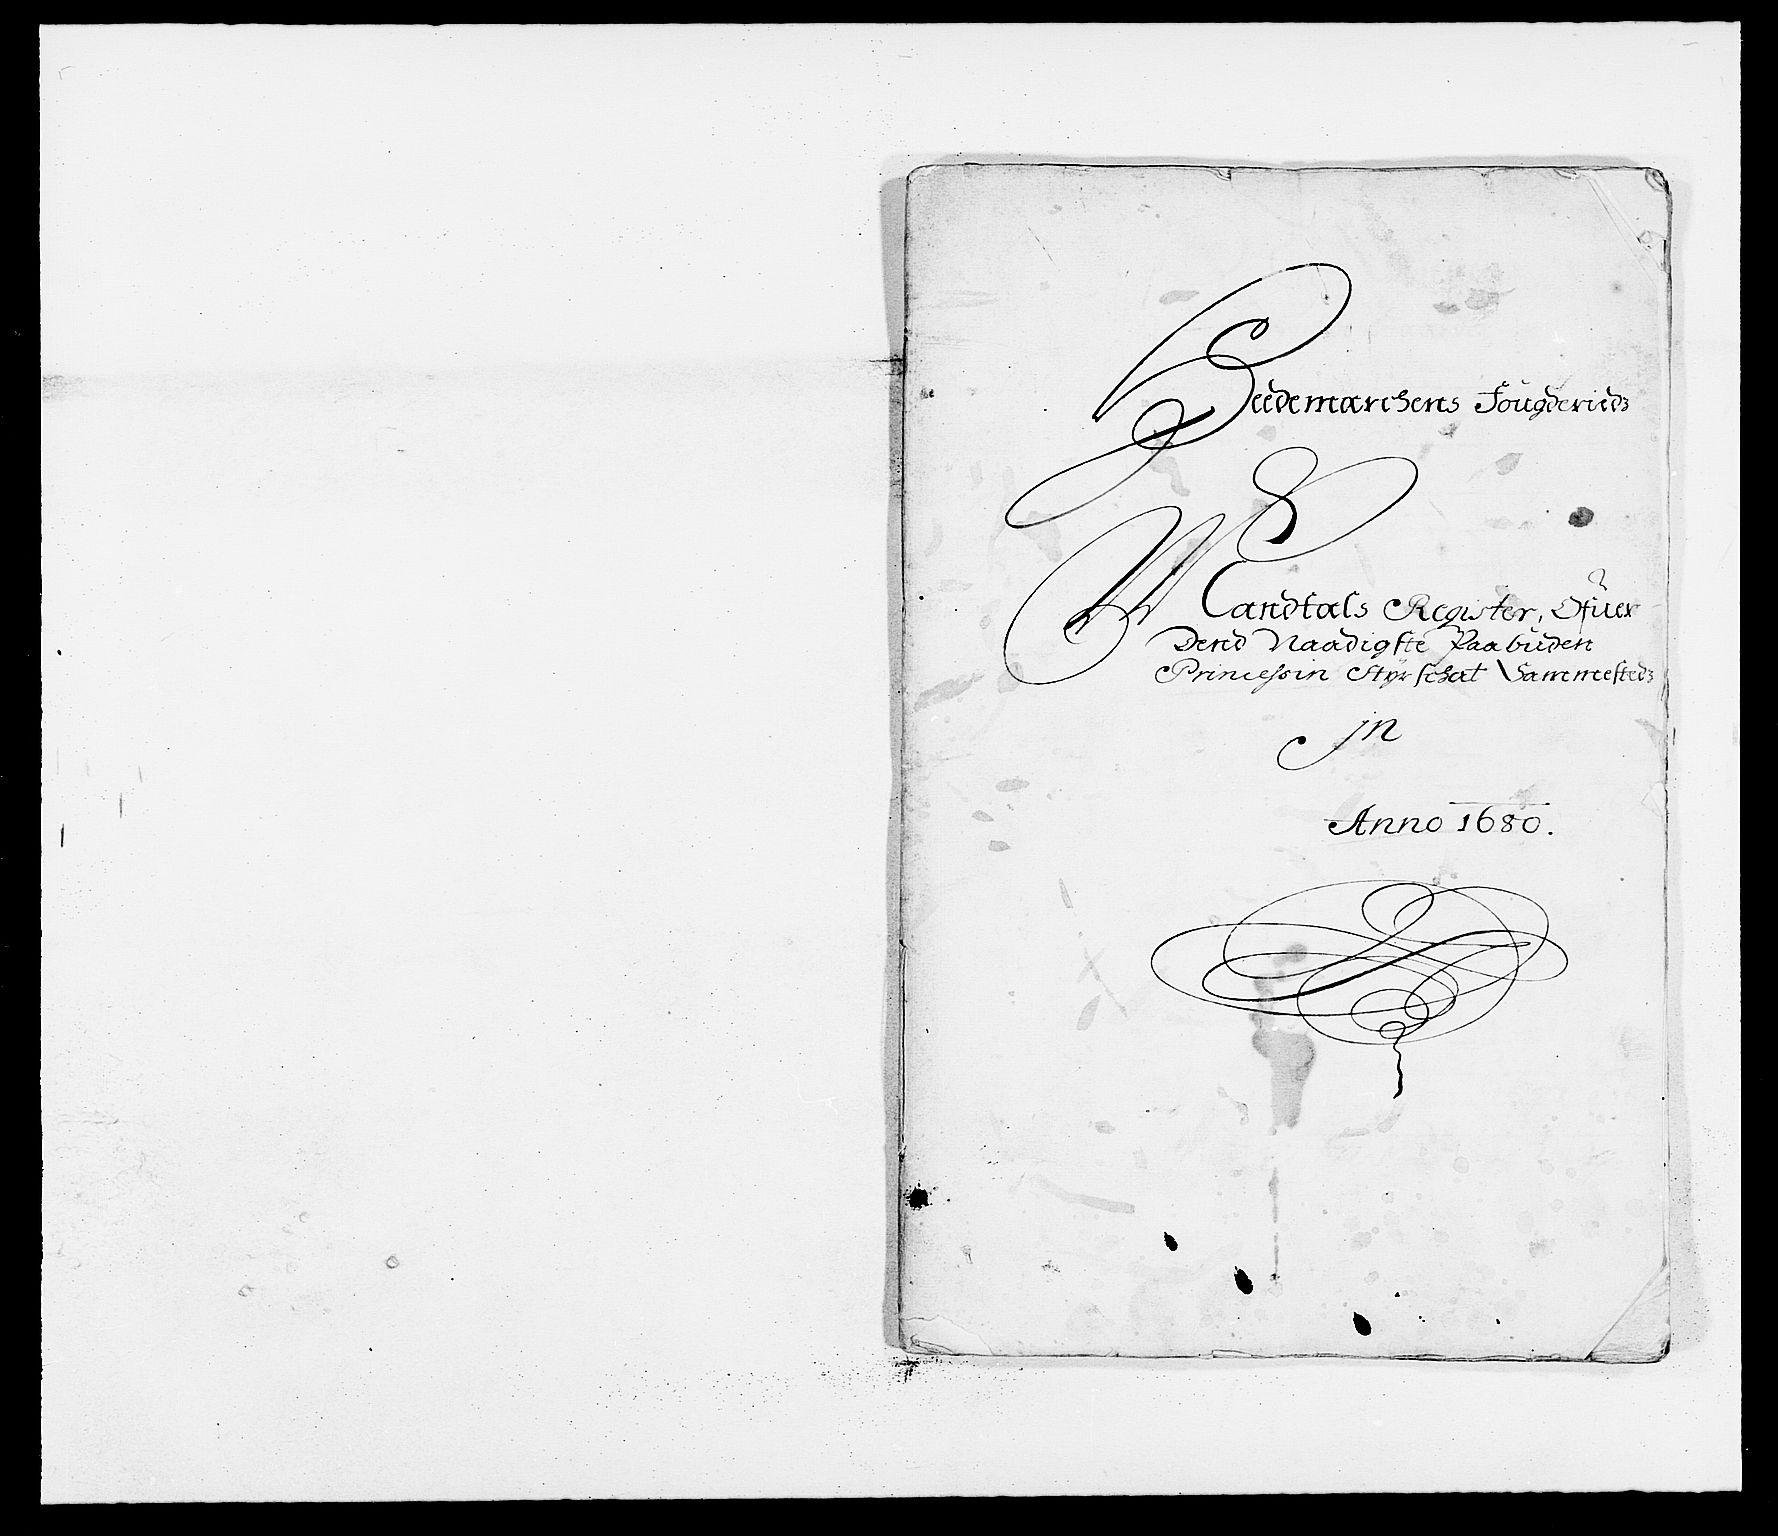 RA, Rentekammeret inntil 1814, Reviderte regnskaper, Fogderegnskap, R16/L1020: Fogderegnskap Hedmark, 1680, s. 263